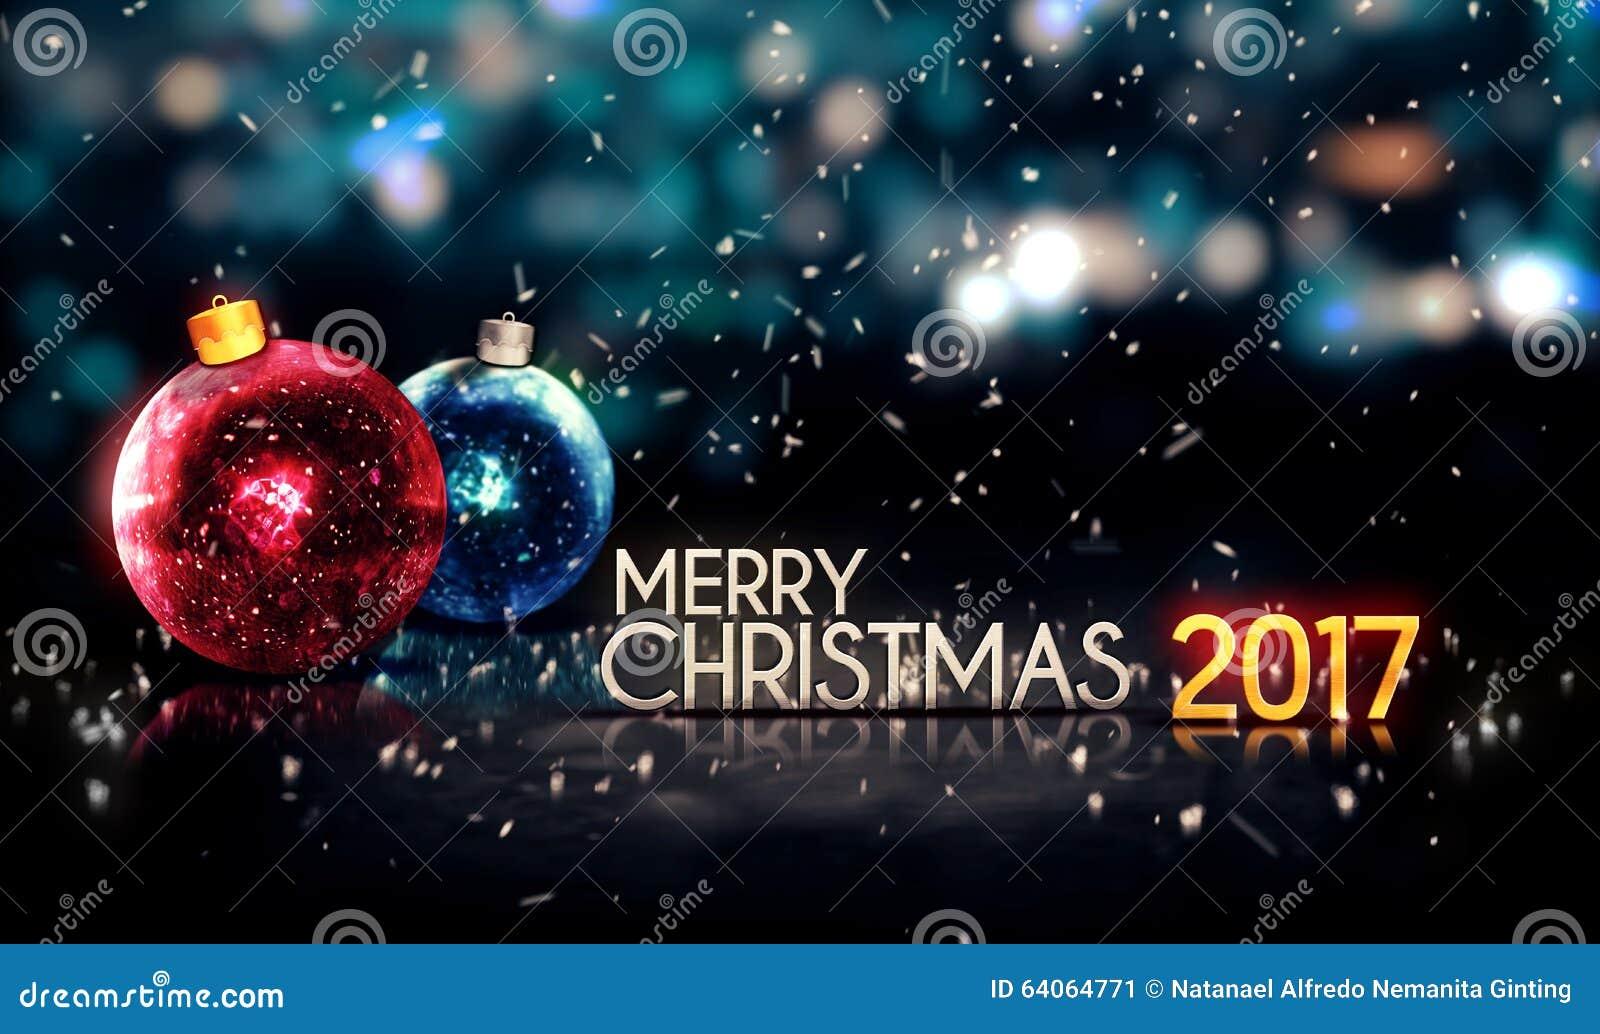 Fondo De Pantalla 3d De Navidad De Santa Vas De Luna Hd: Fond 2017 De Bokeh De Nuit De Joyeux Noël Beau 3D